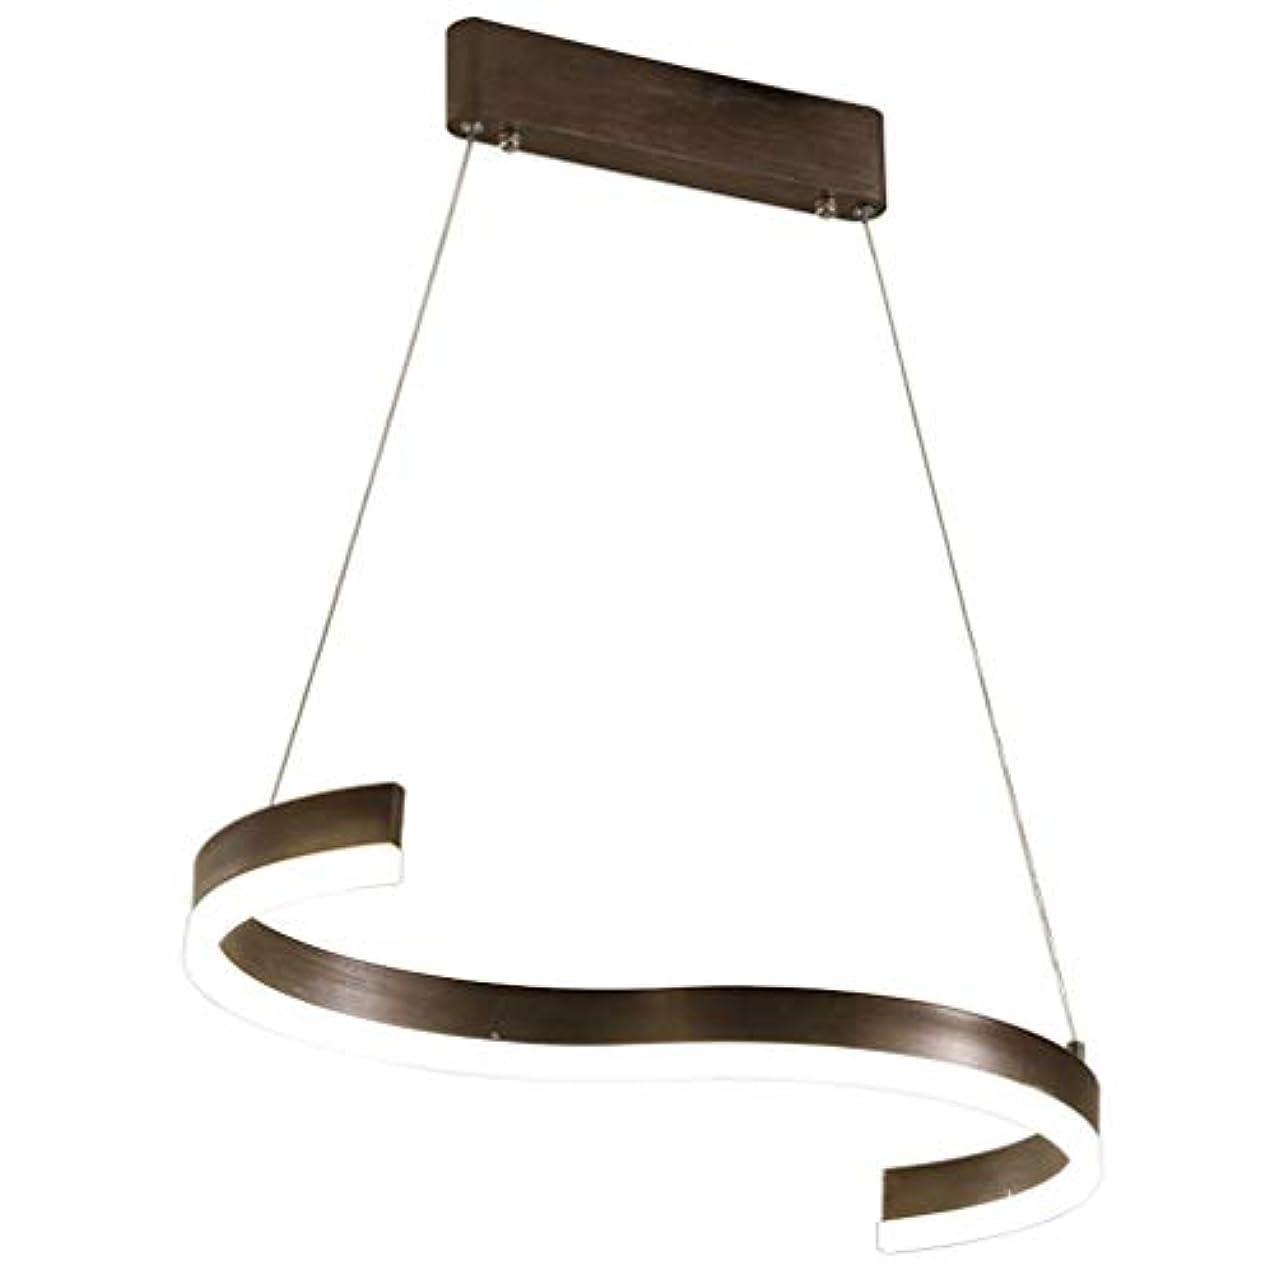 方言最小化する仮定LEDペンダントランプダイニングテーブルランプペンダントランプモダンクリエイティブメタルアートS字型ランプペンダントランプダイニングランプインテリア装飾天井ランプ直接照明ブラウン80 * 25cm 24wウォ